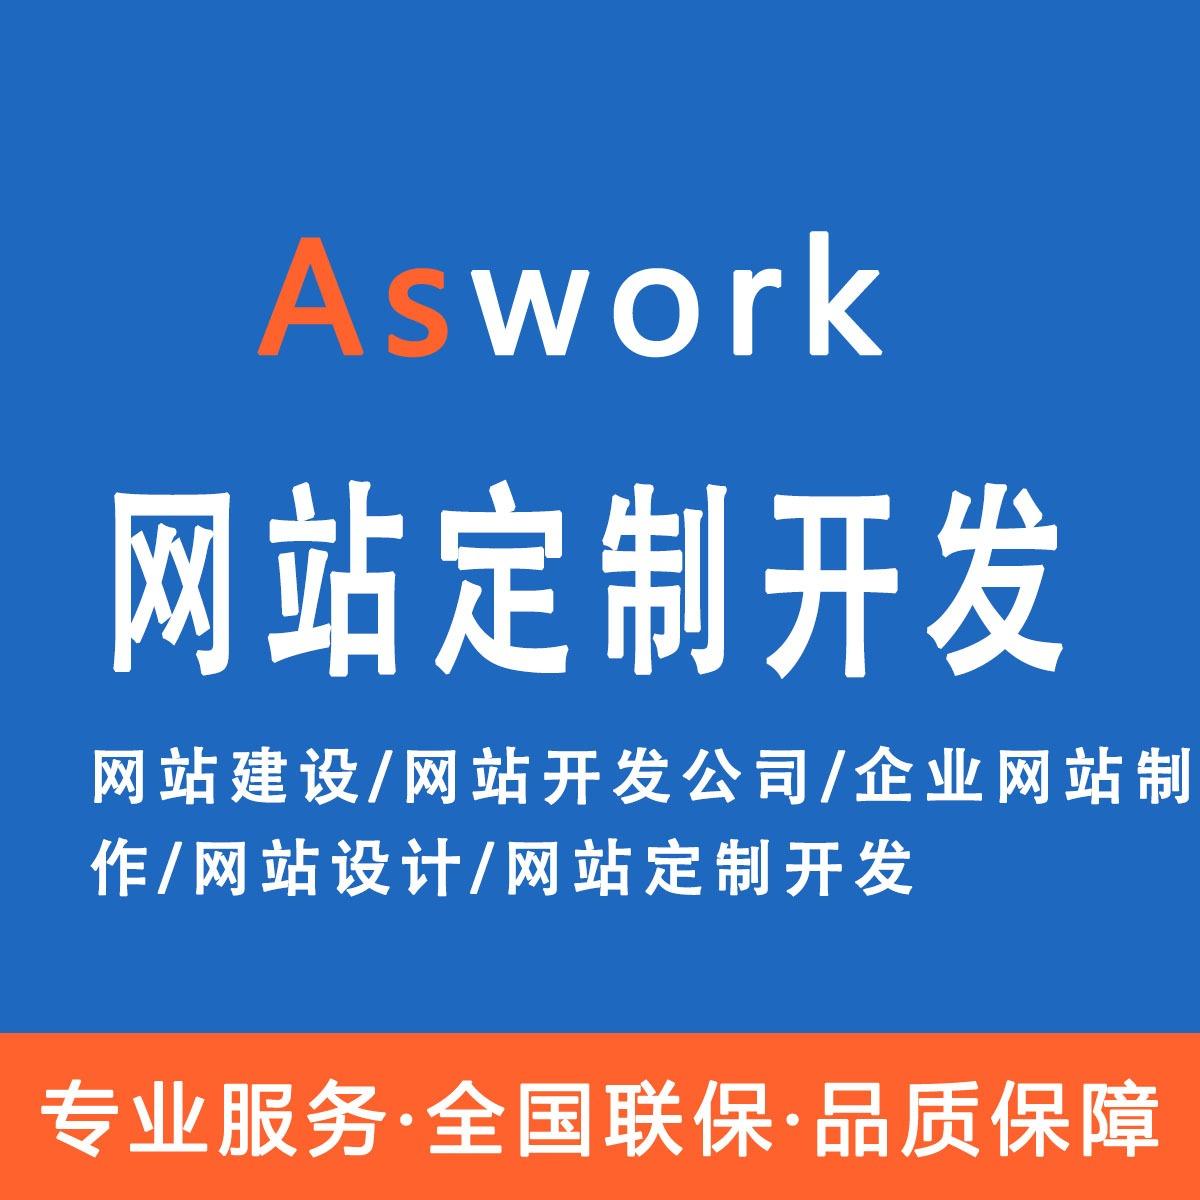 网站建设/网站开发公司/企业网站制作/网站设计/网站定制开发